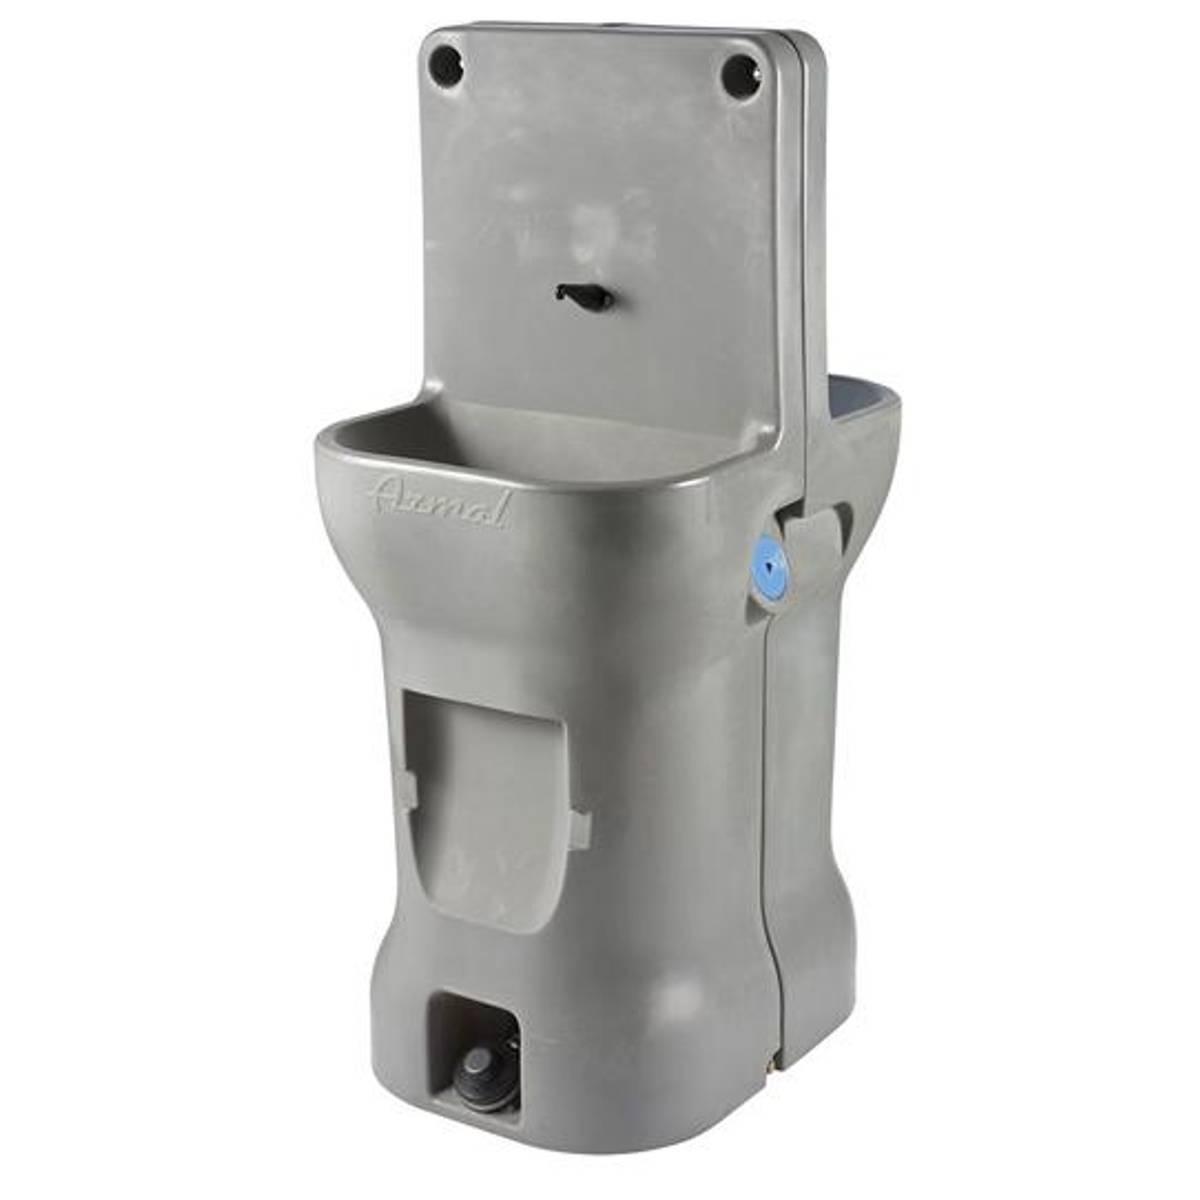 Mobil håndvask med fotpumpe